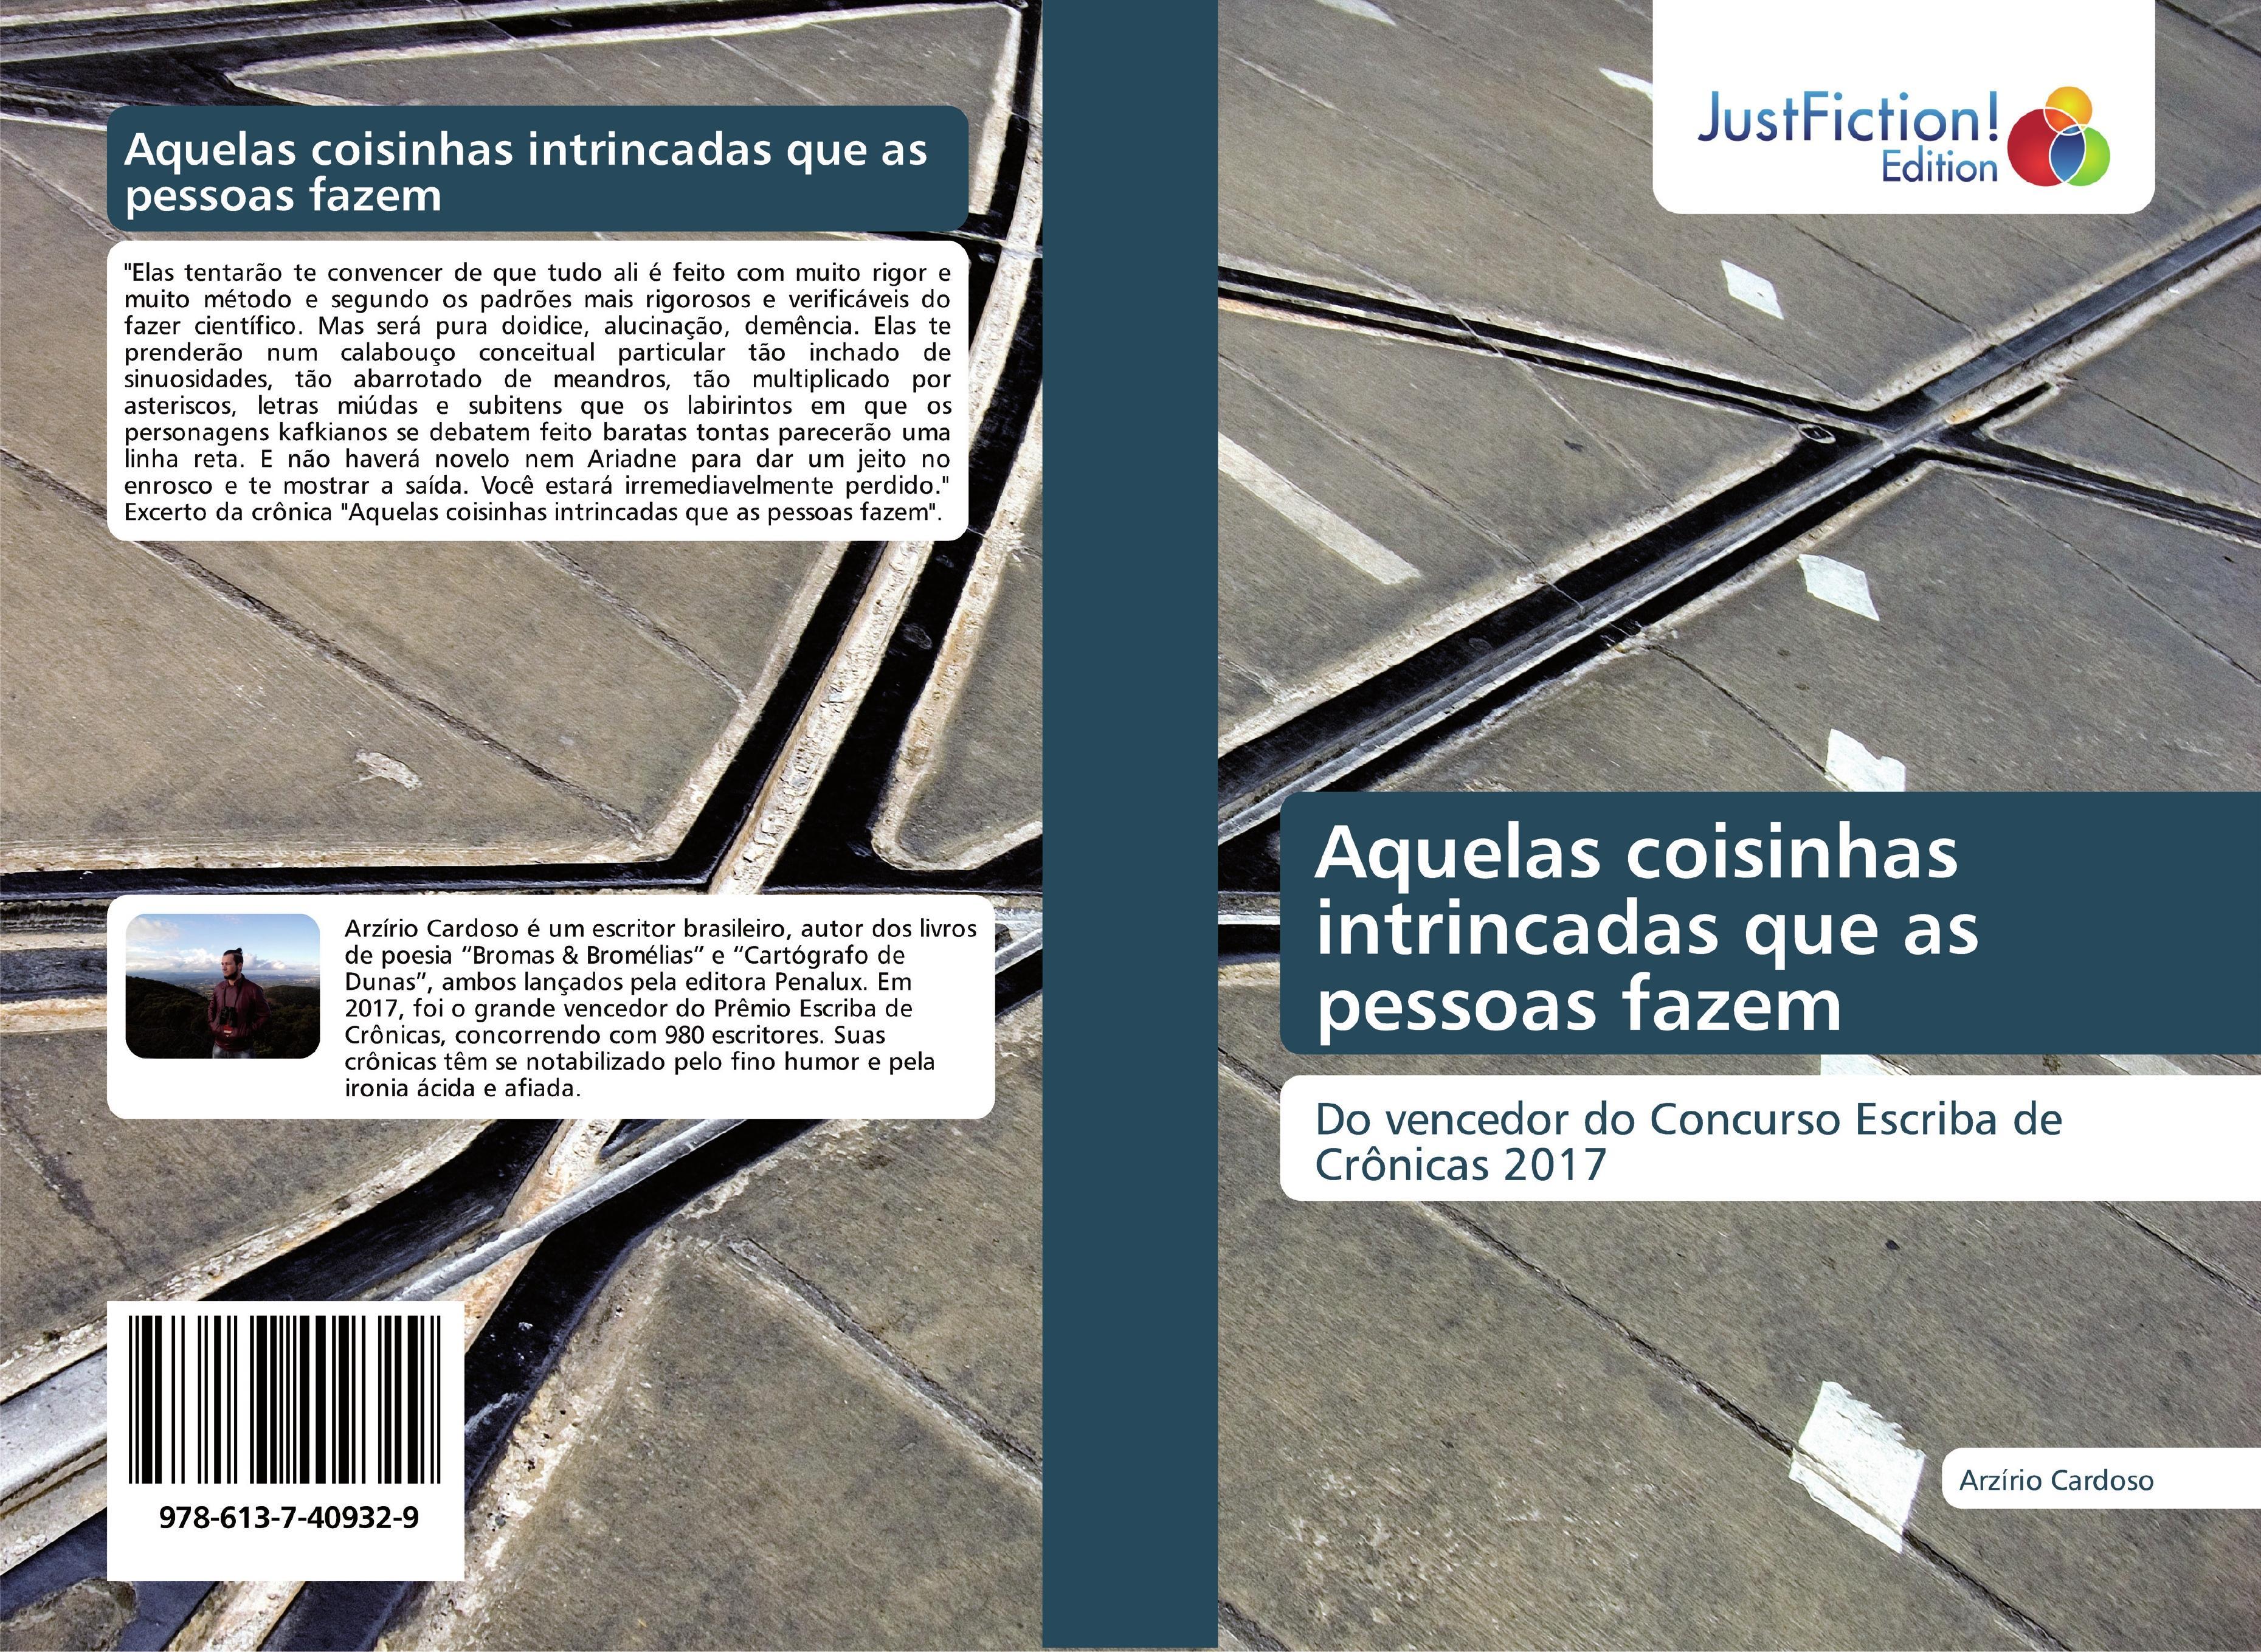 Aquelas coisinhas intrincadas que as pessoas fazem  Arzírio Cardoso  Taschenbuch  Spanisch  2018 - Cardoso, Arzírio